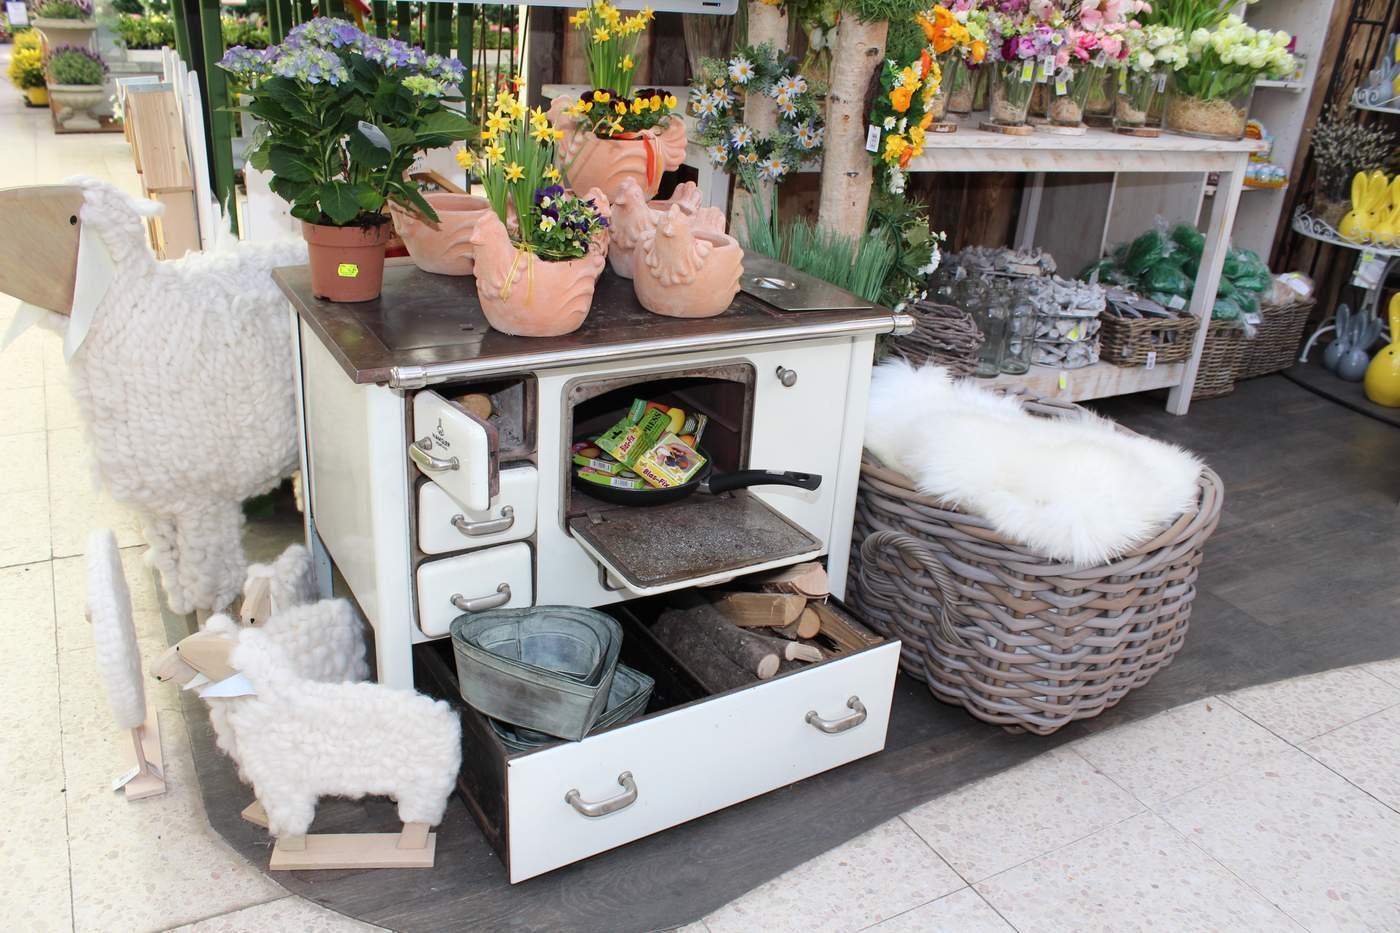 Outdoor Küche Balkon : Outdoor küche für balkon grillen und kochen im freien hornbach